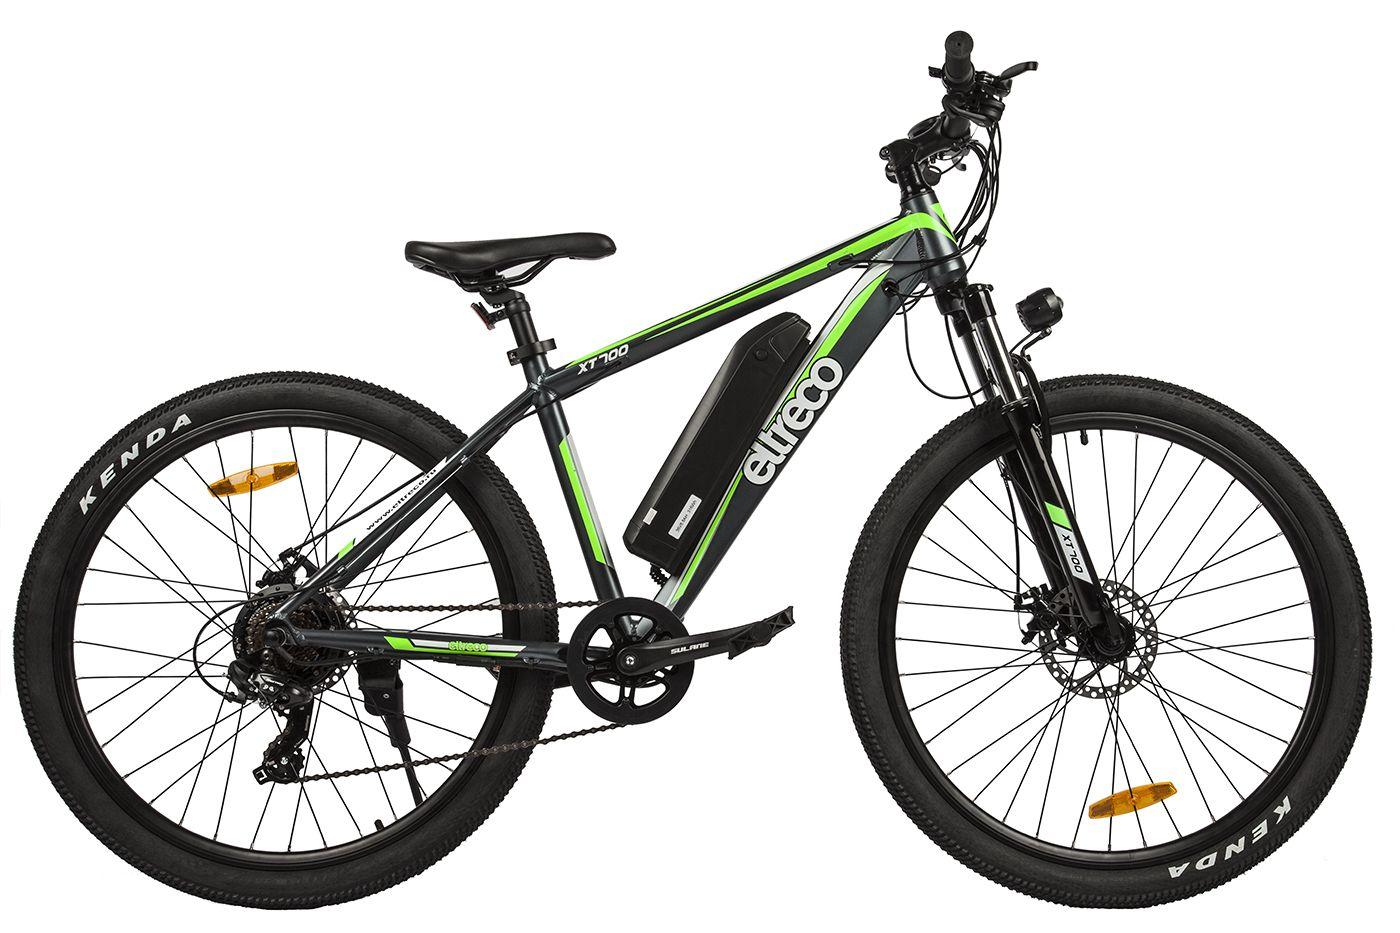 Велосипед Eltreco XT-700 2018 велосипед eltreco jazz 350w 2016